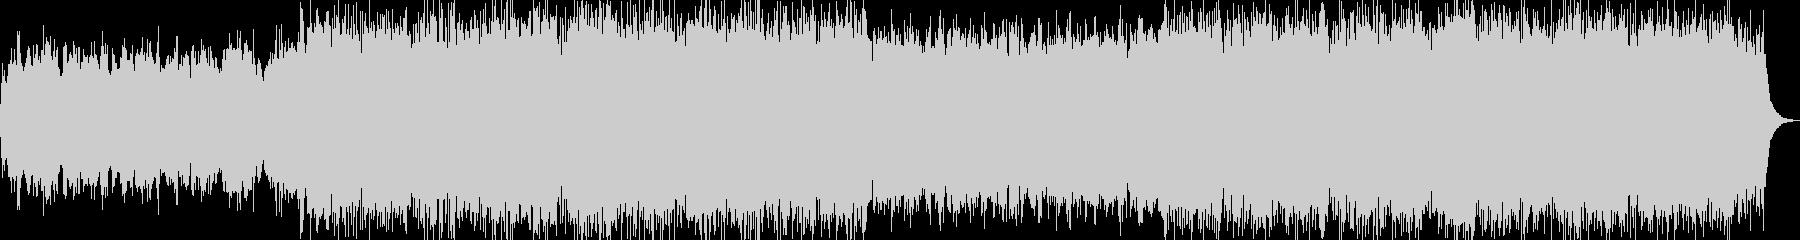 Uyuniの未再生の波形